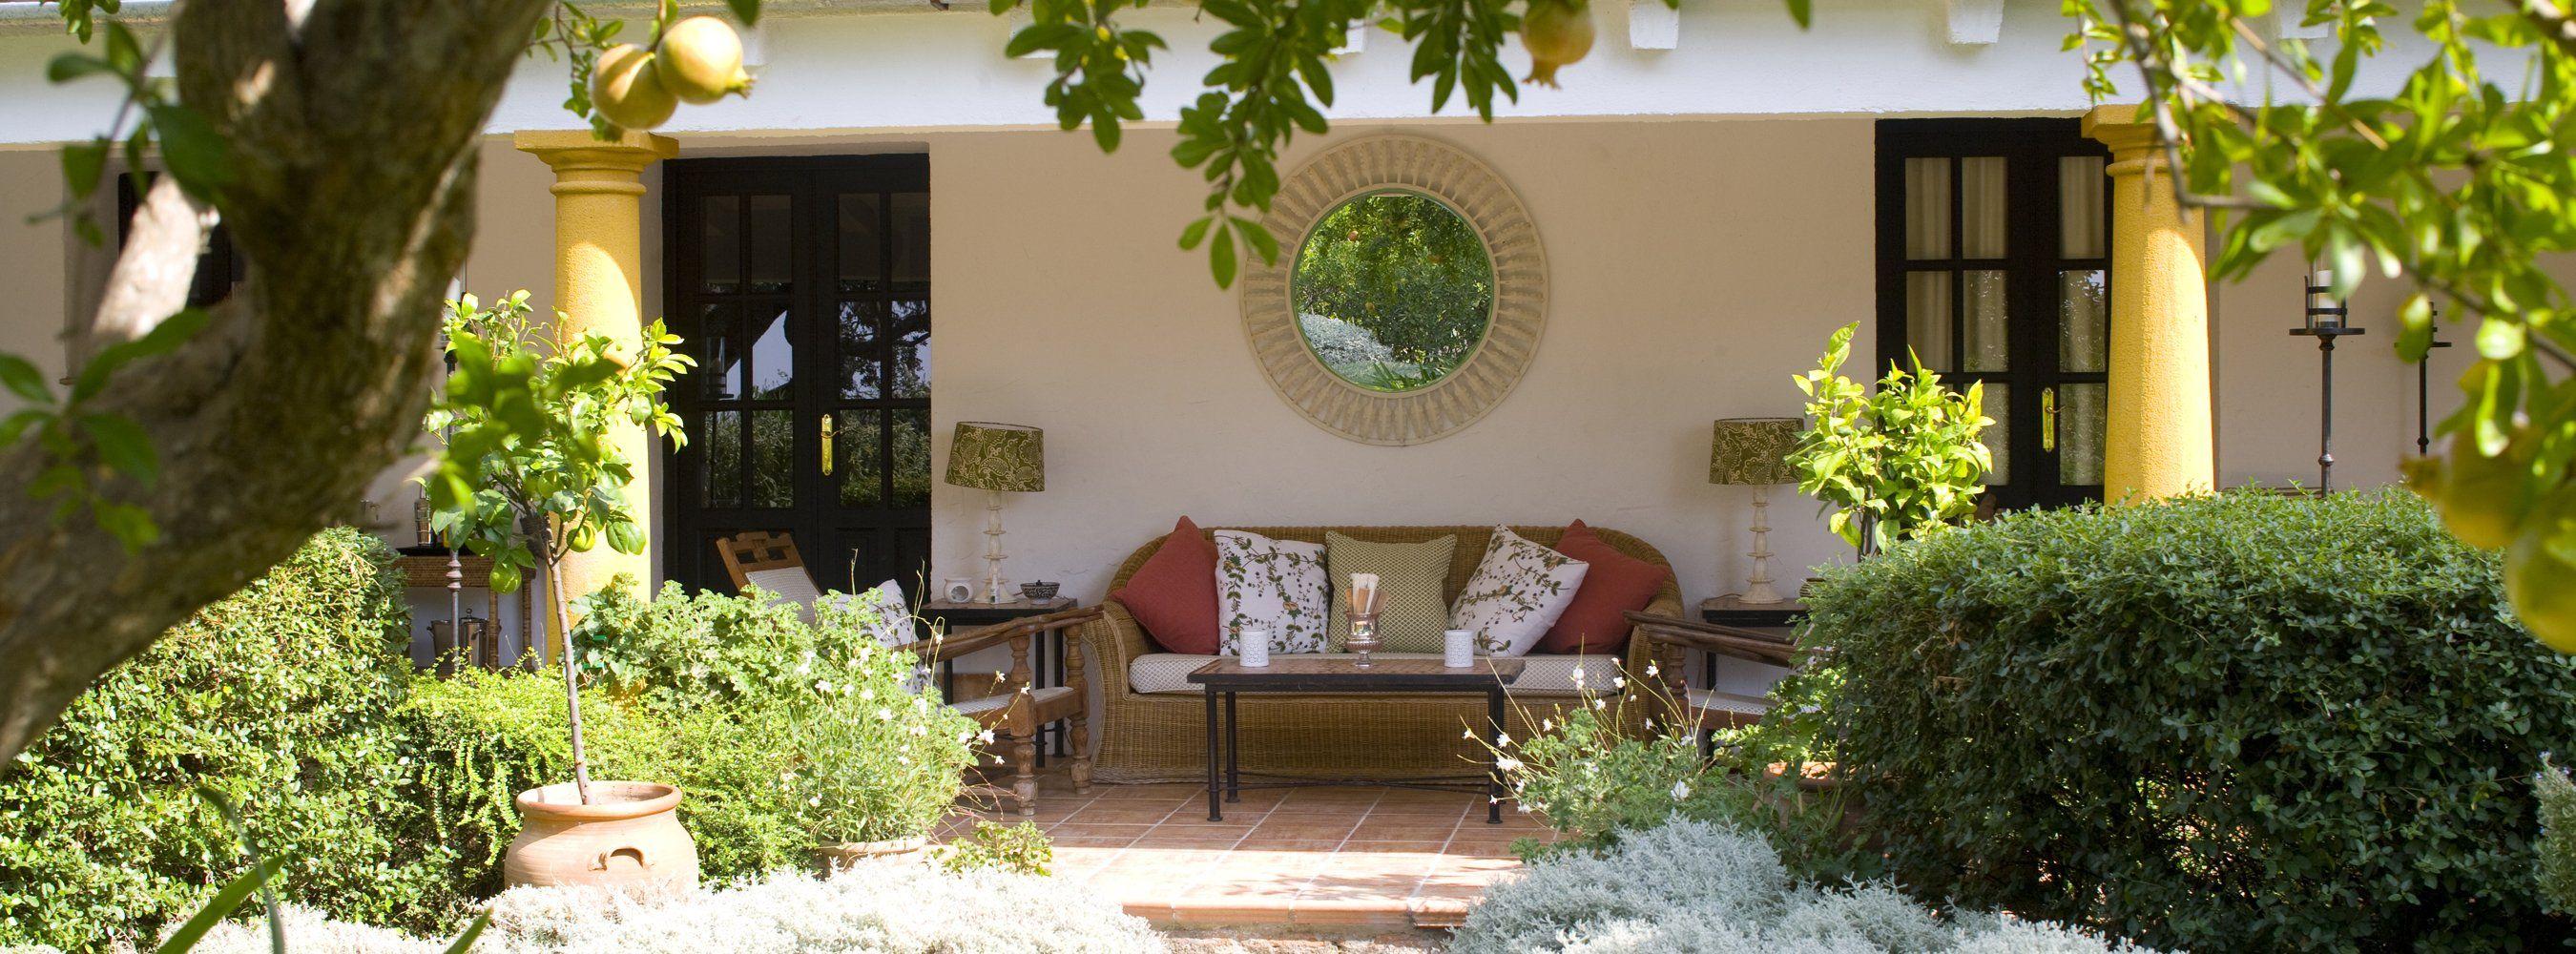 garden andalucia